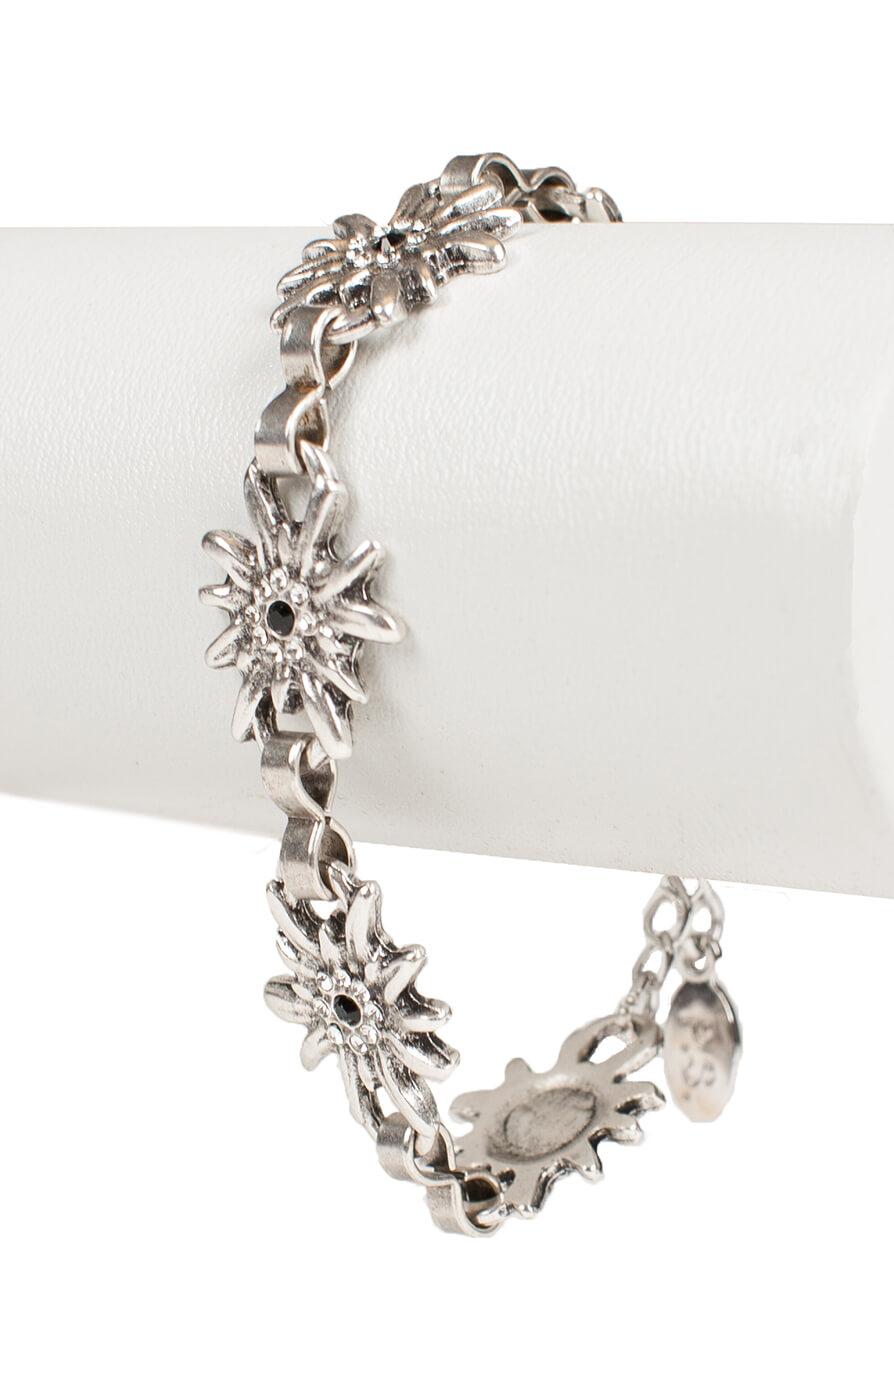 Armkette AB9197 EDW mit Steine kristall von Schuhmacher